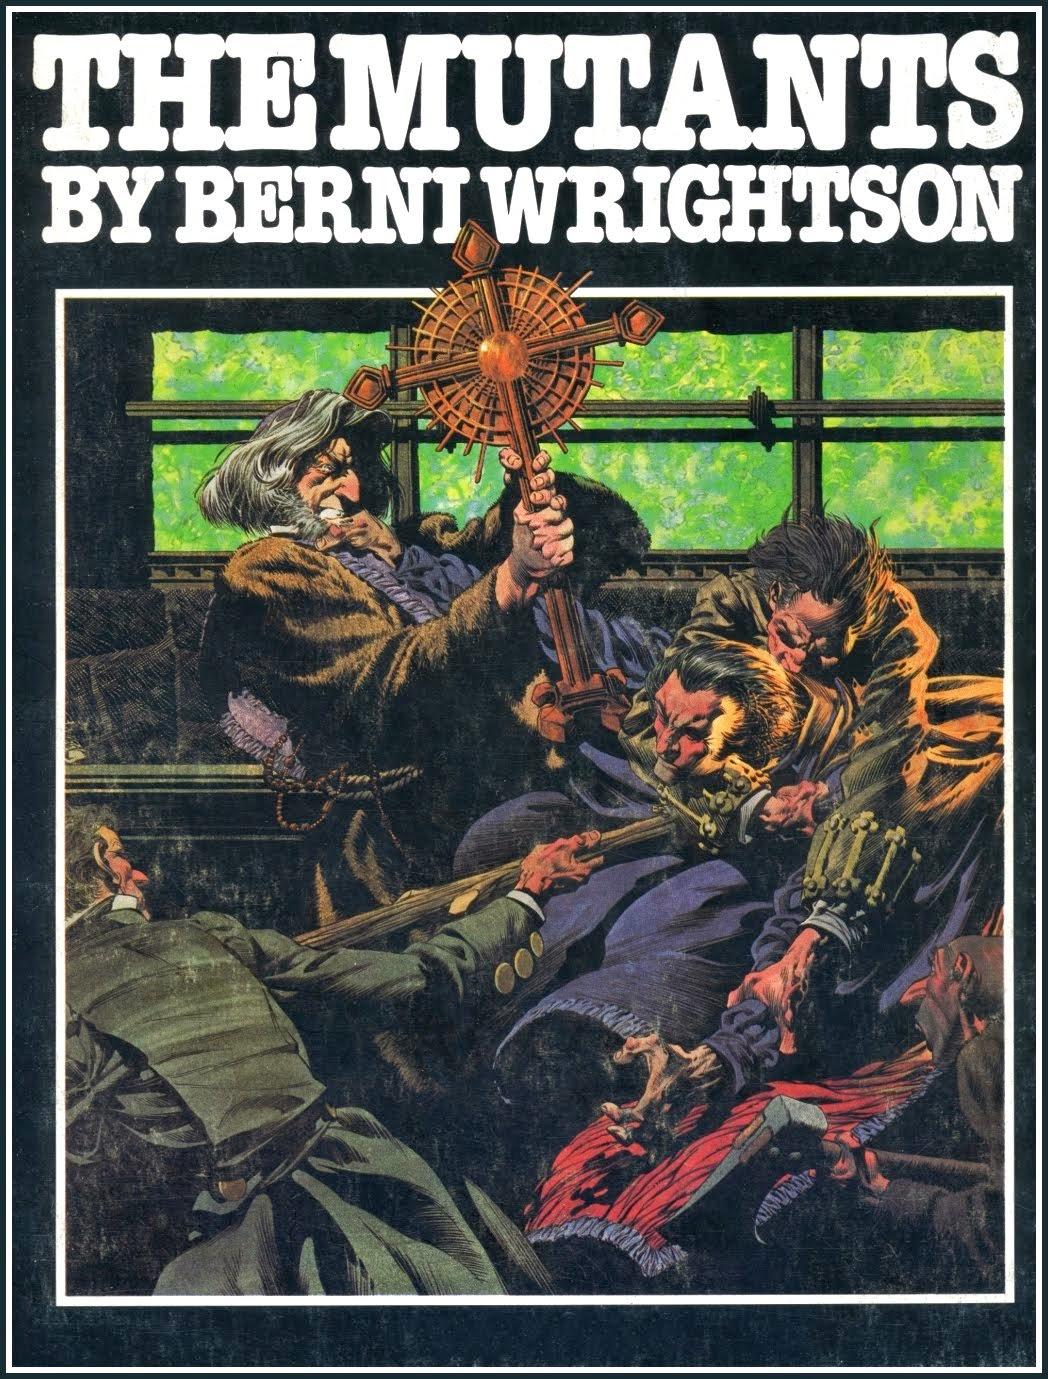 Wrighston12